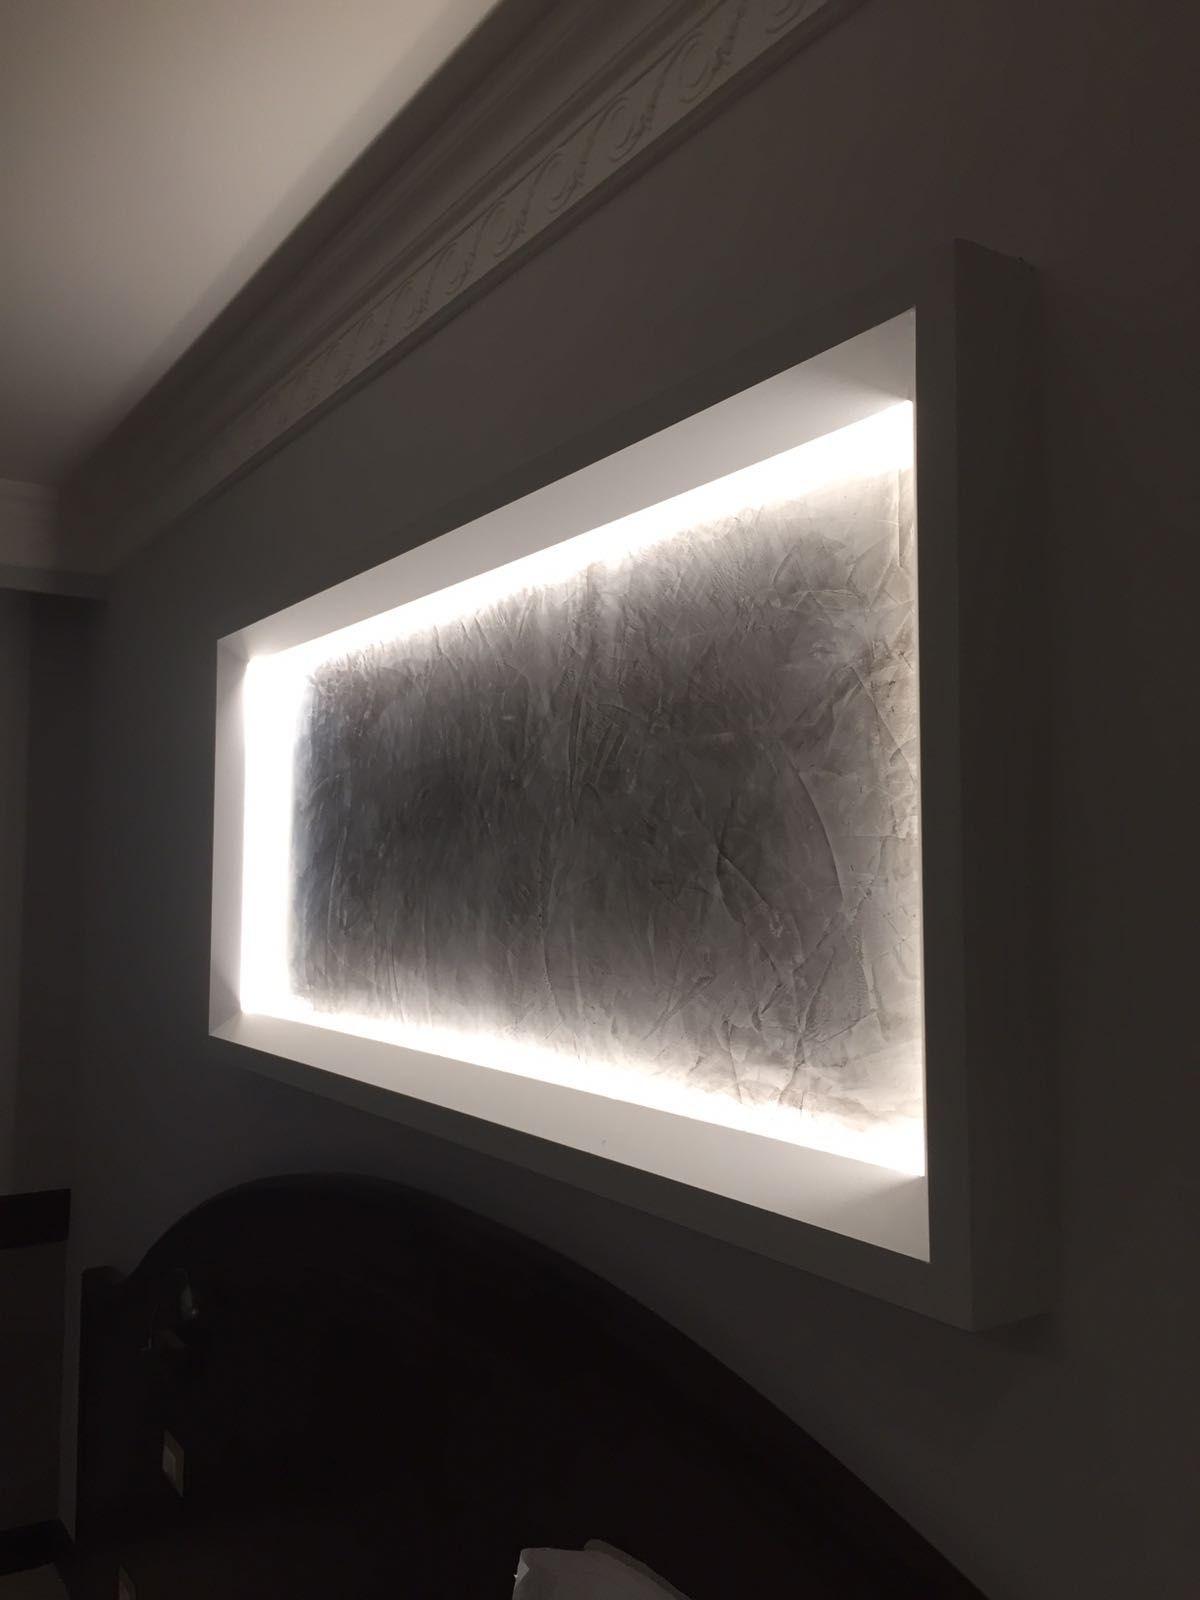 Lampada Sopra Specchio Bagno nicchia gyps retroilluminata sopra la sponda del letto (con